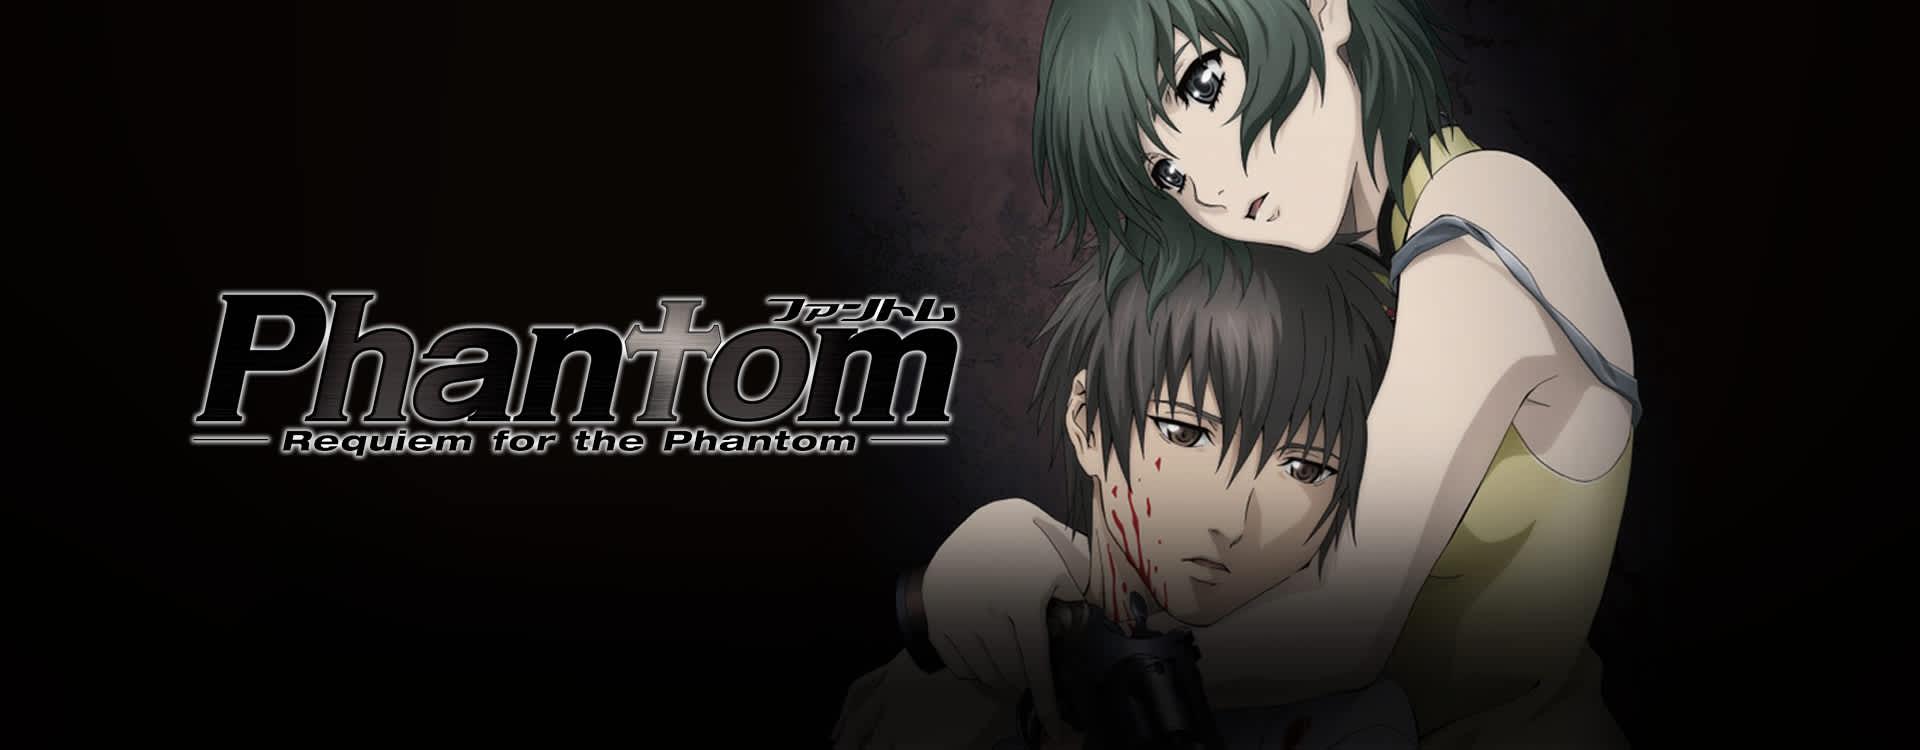 Phantom requiem for the phantom episode 1 english dub